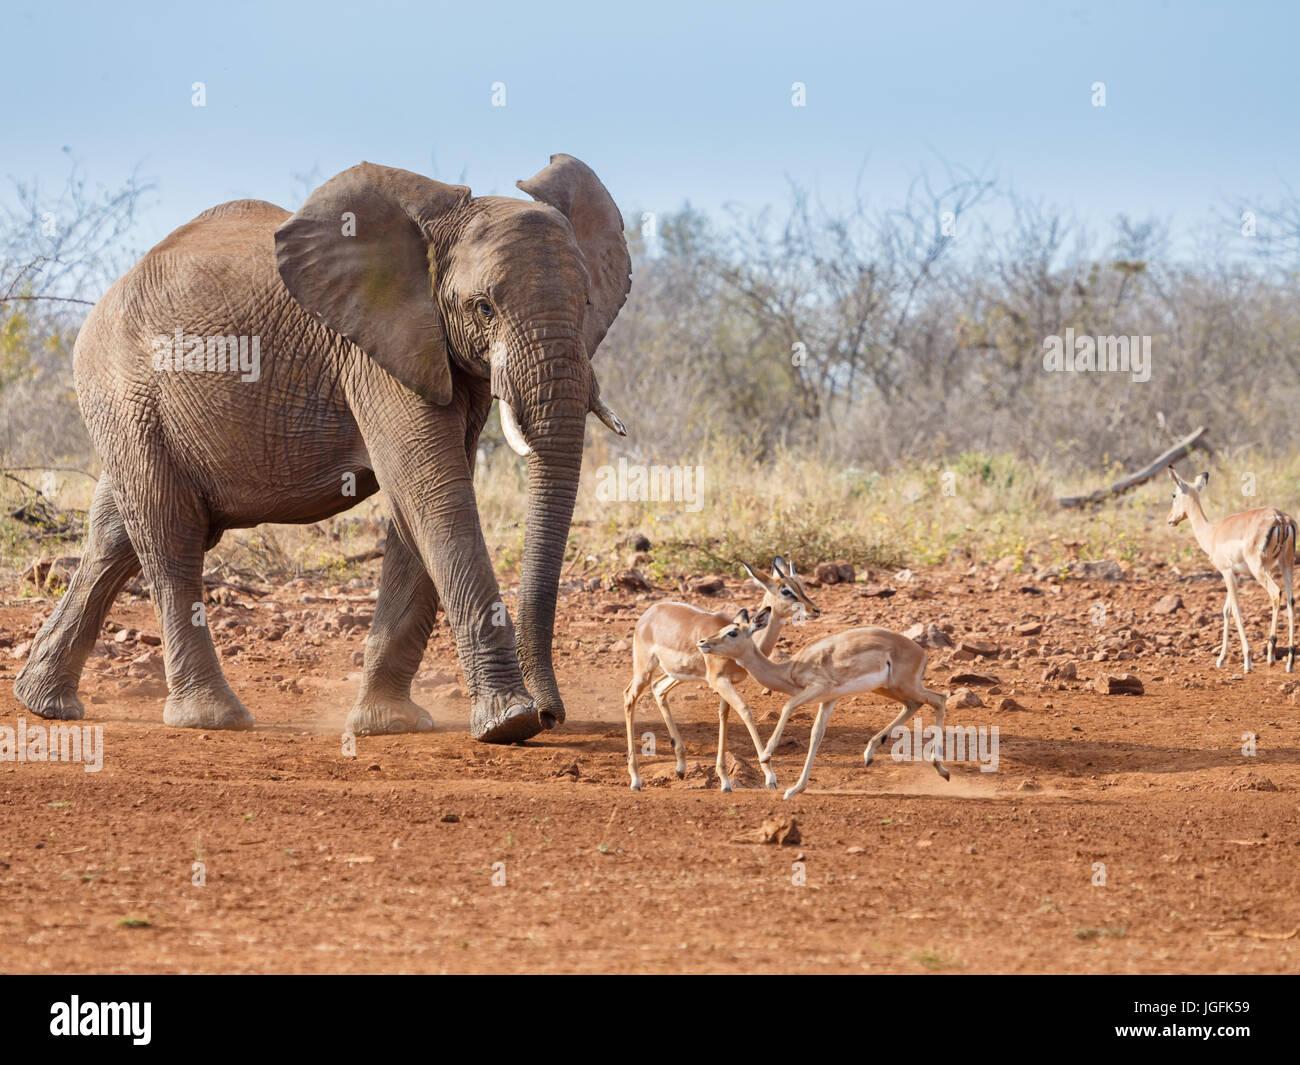 L'éléphant d'Afrique Loxodonta africana un grand animal proche de l'eau avec la diffusion Photo Stock